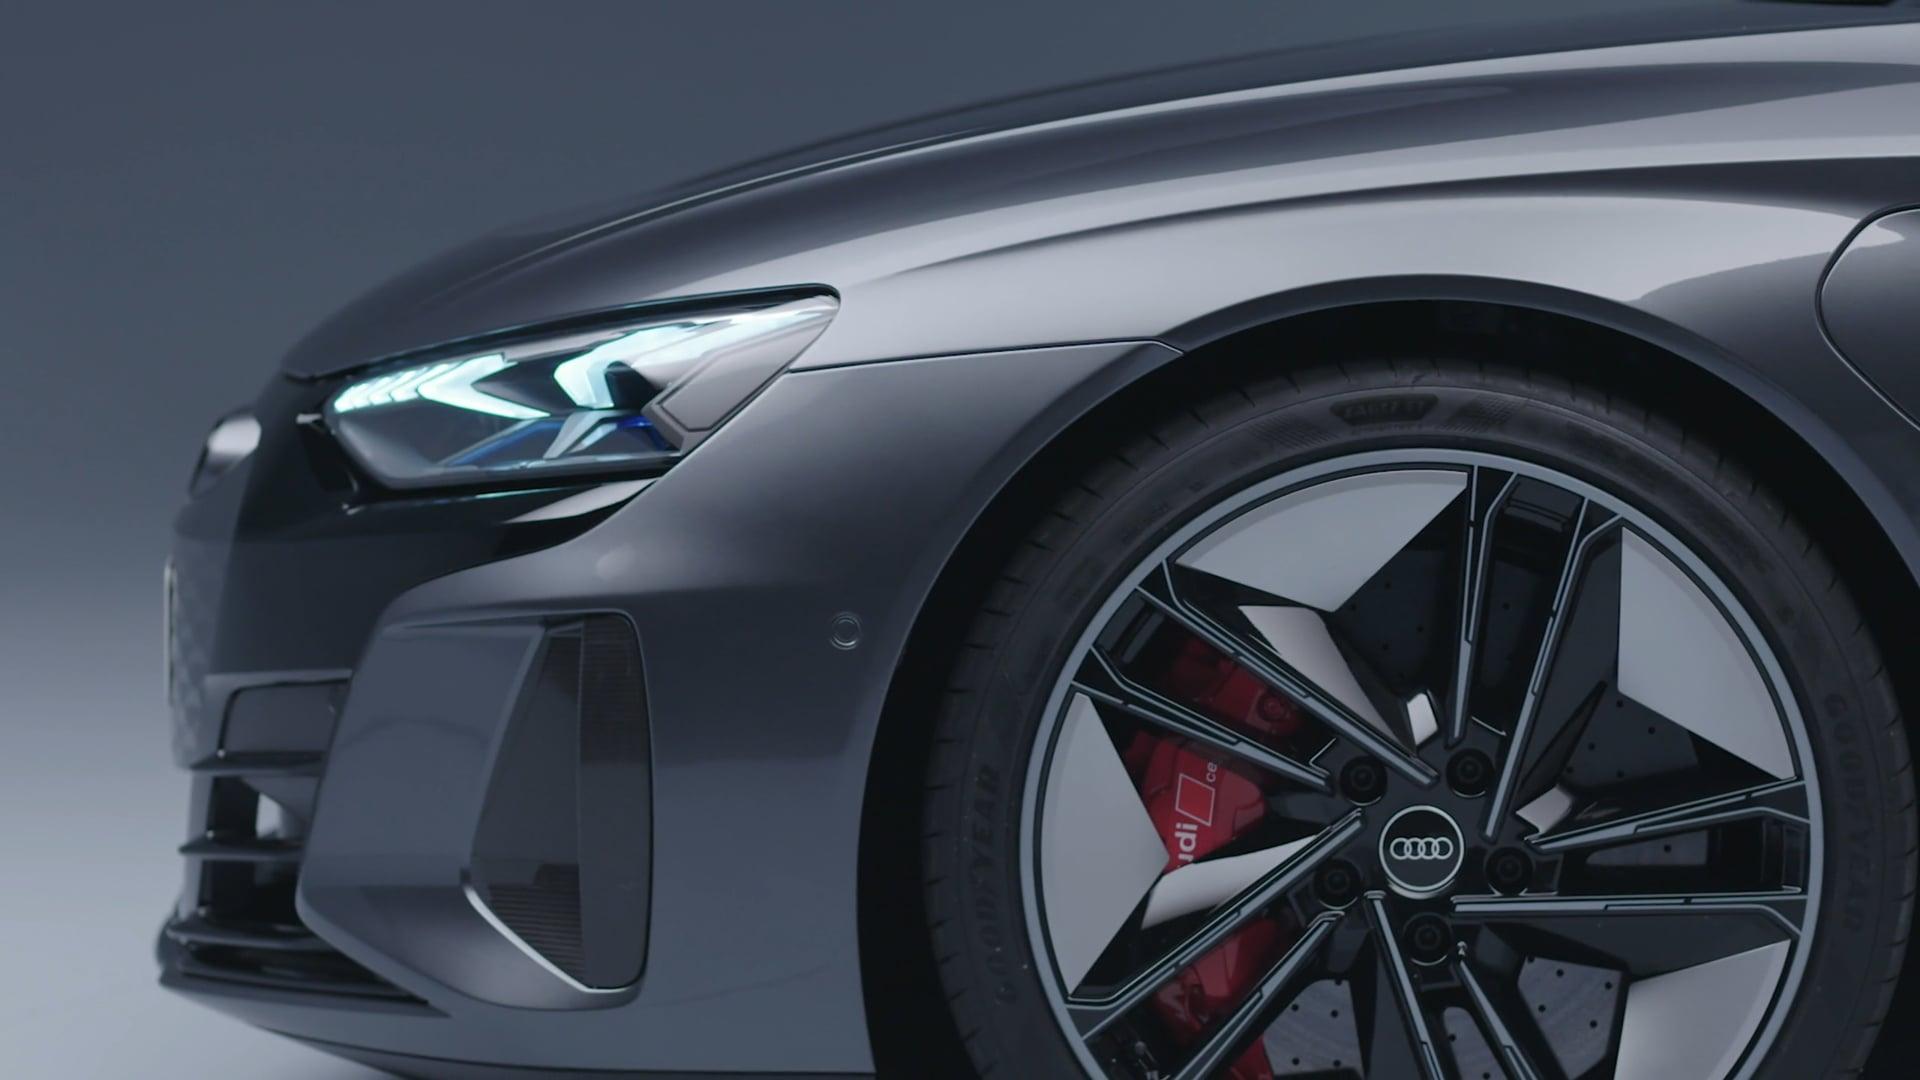 Audi Design: the all-new Audi e-tron GT